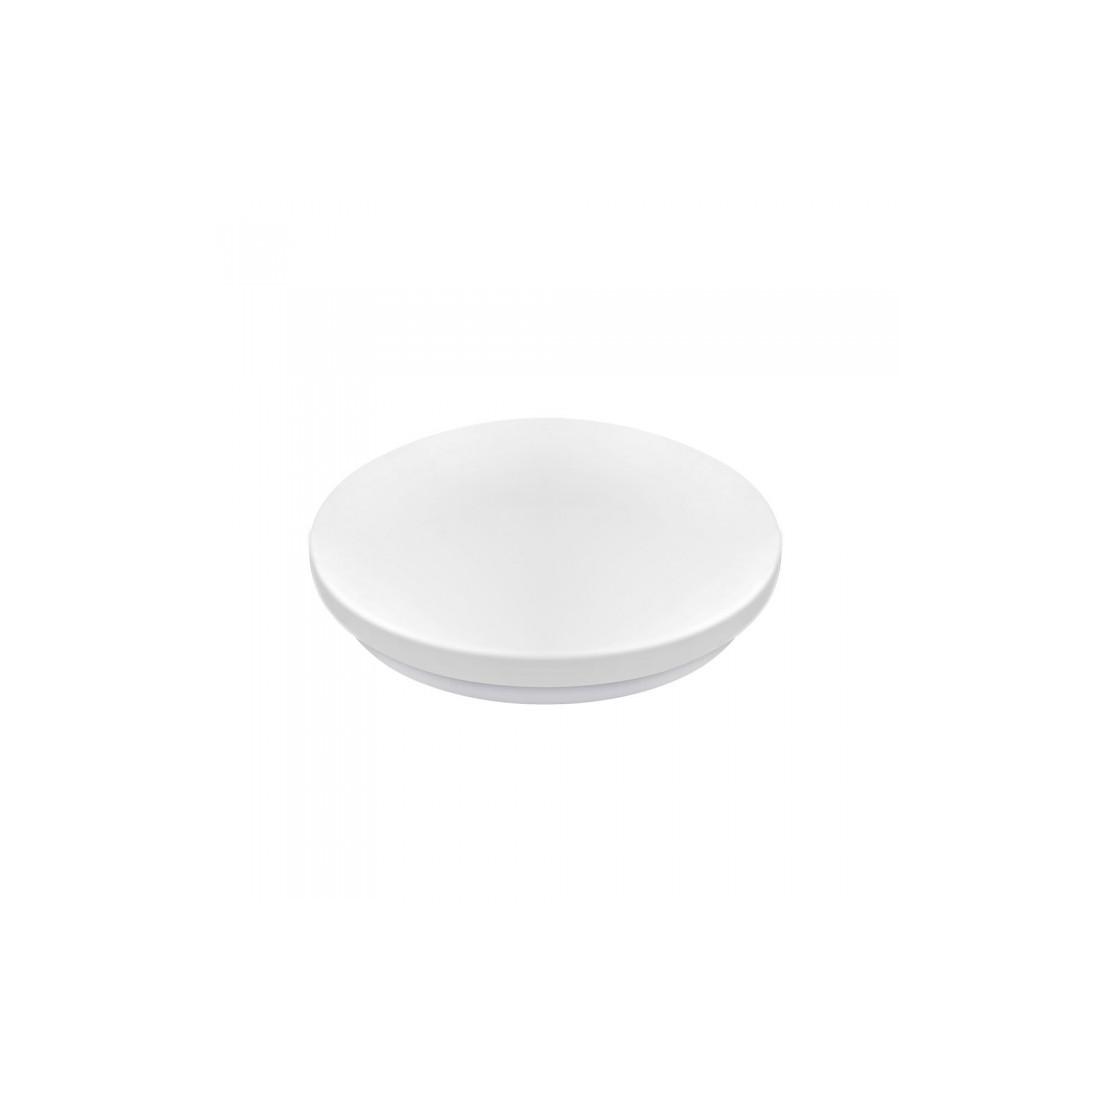 LED Плафониера - 14W, Кръг, Топло бяла светлина